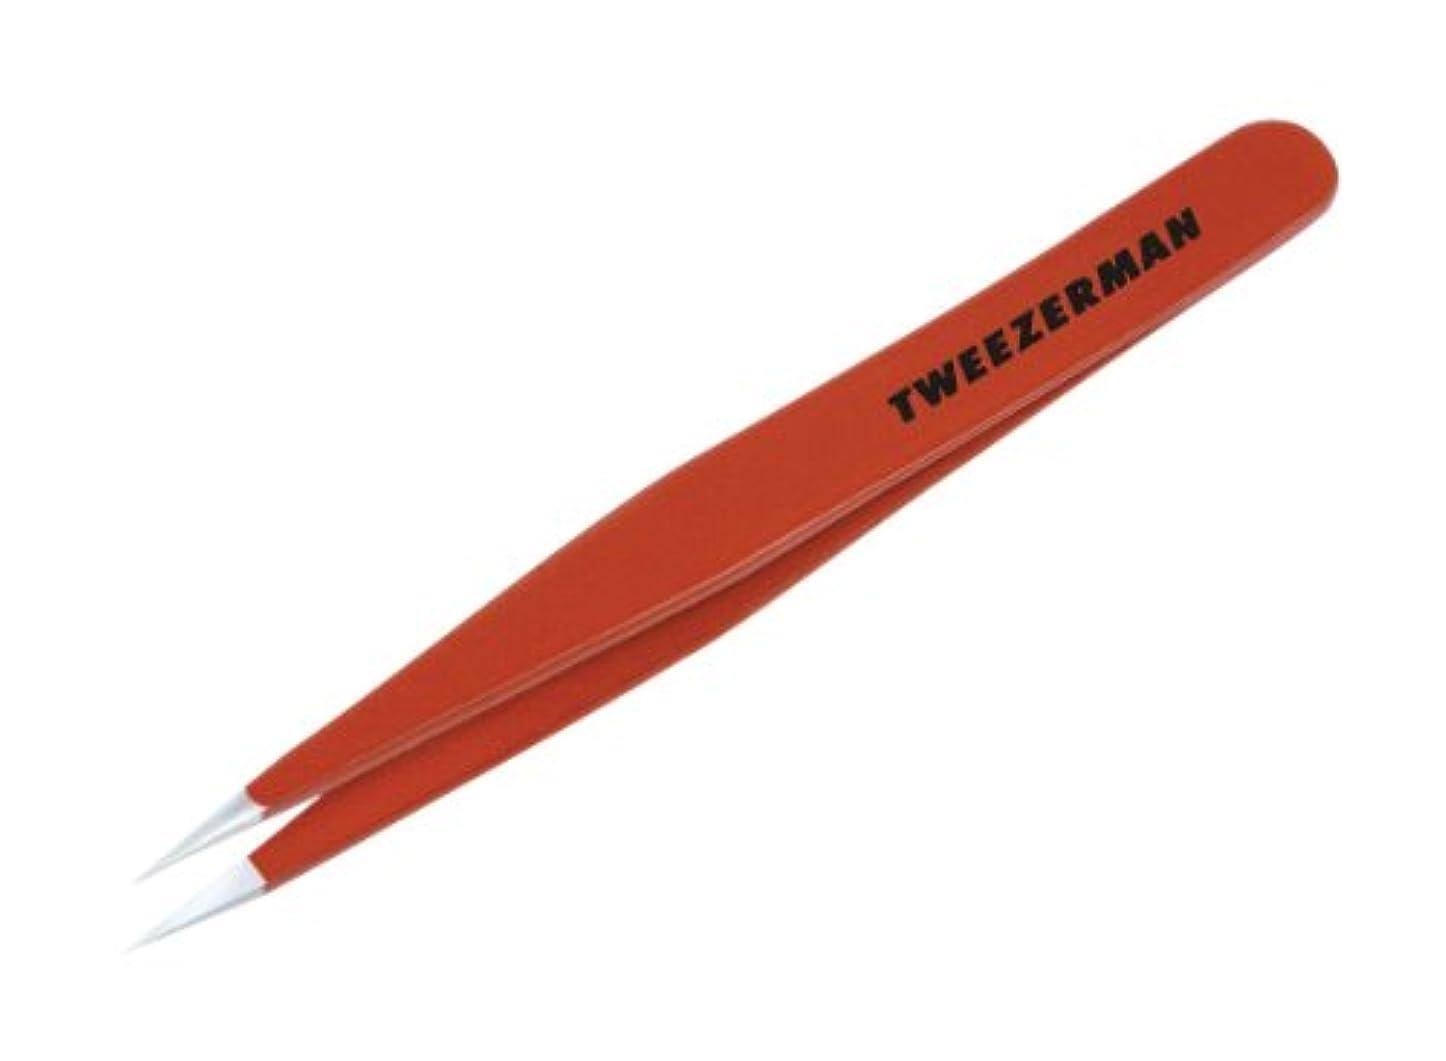 桁衛星出力TWEEZERMAN ポイント ツイーザー レッド 58400-089